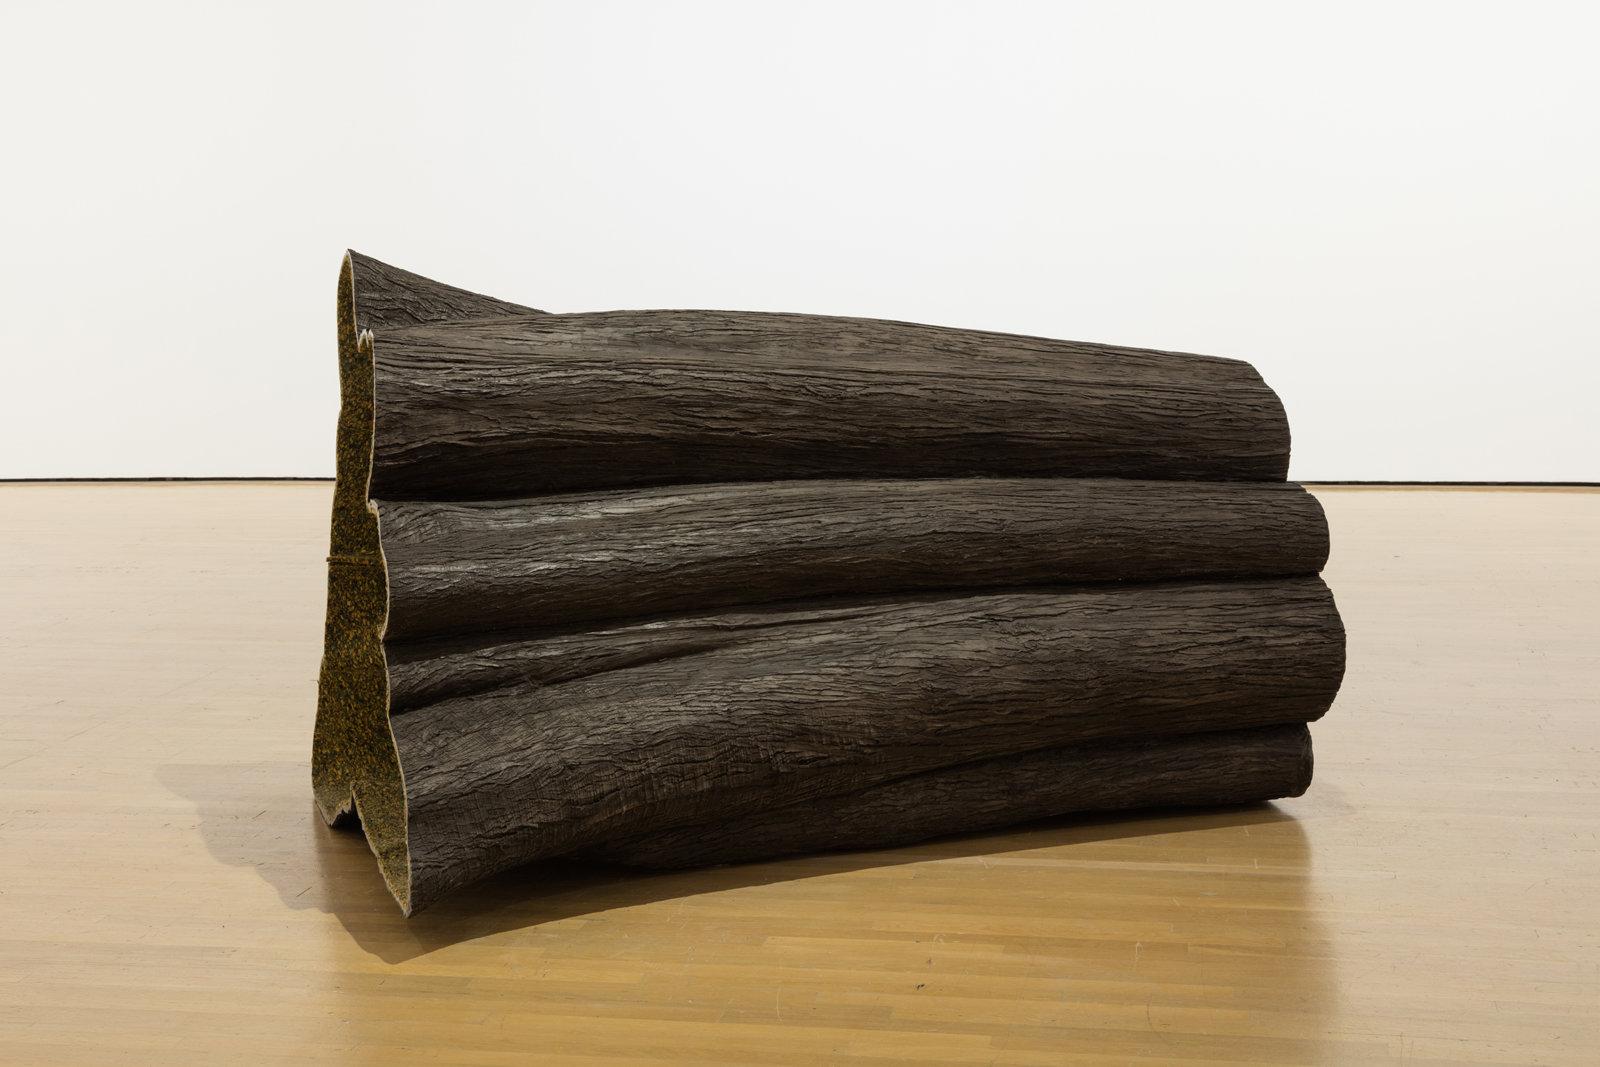 Liz Magor, Hollow, 1998–1999, polymerized gypsum, textile, foam, 72 x 42 x 48 in. (183 x 107 x 122 cm). Installation view, Habitude, Musée d'art contemporain de Montréal, 2016 by Liz Magor